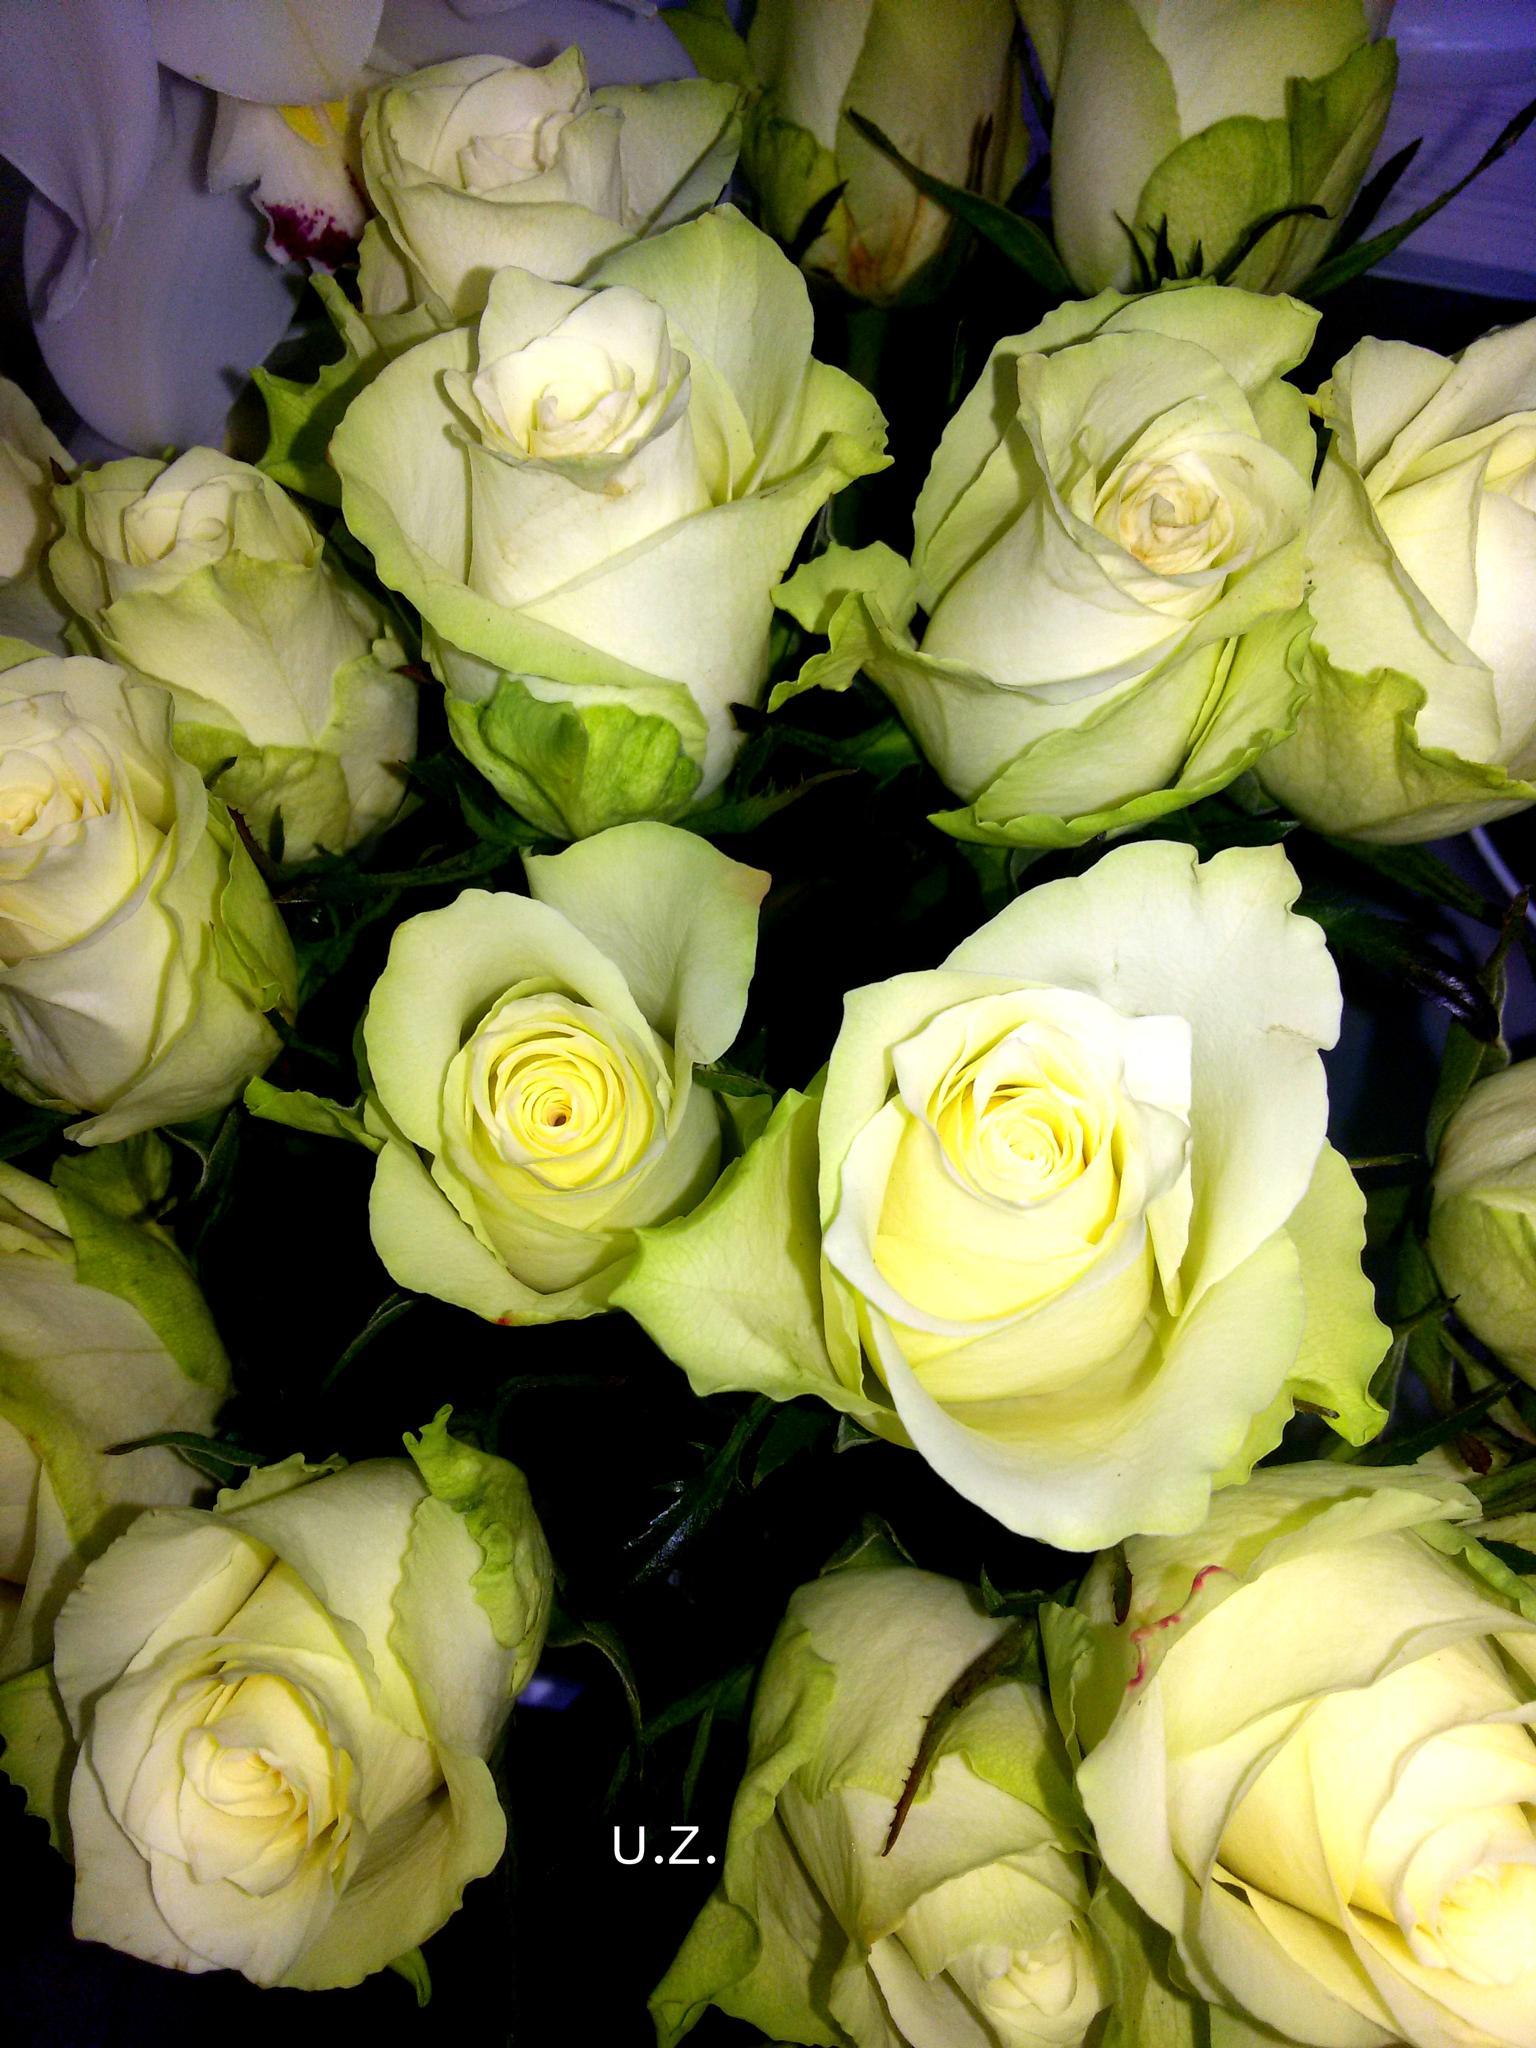 Flowers 341 by Zita Užkuraitienė